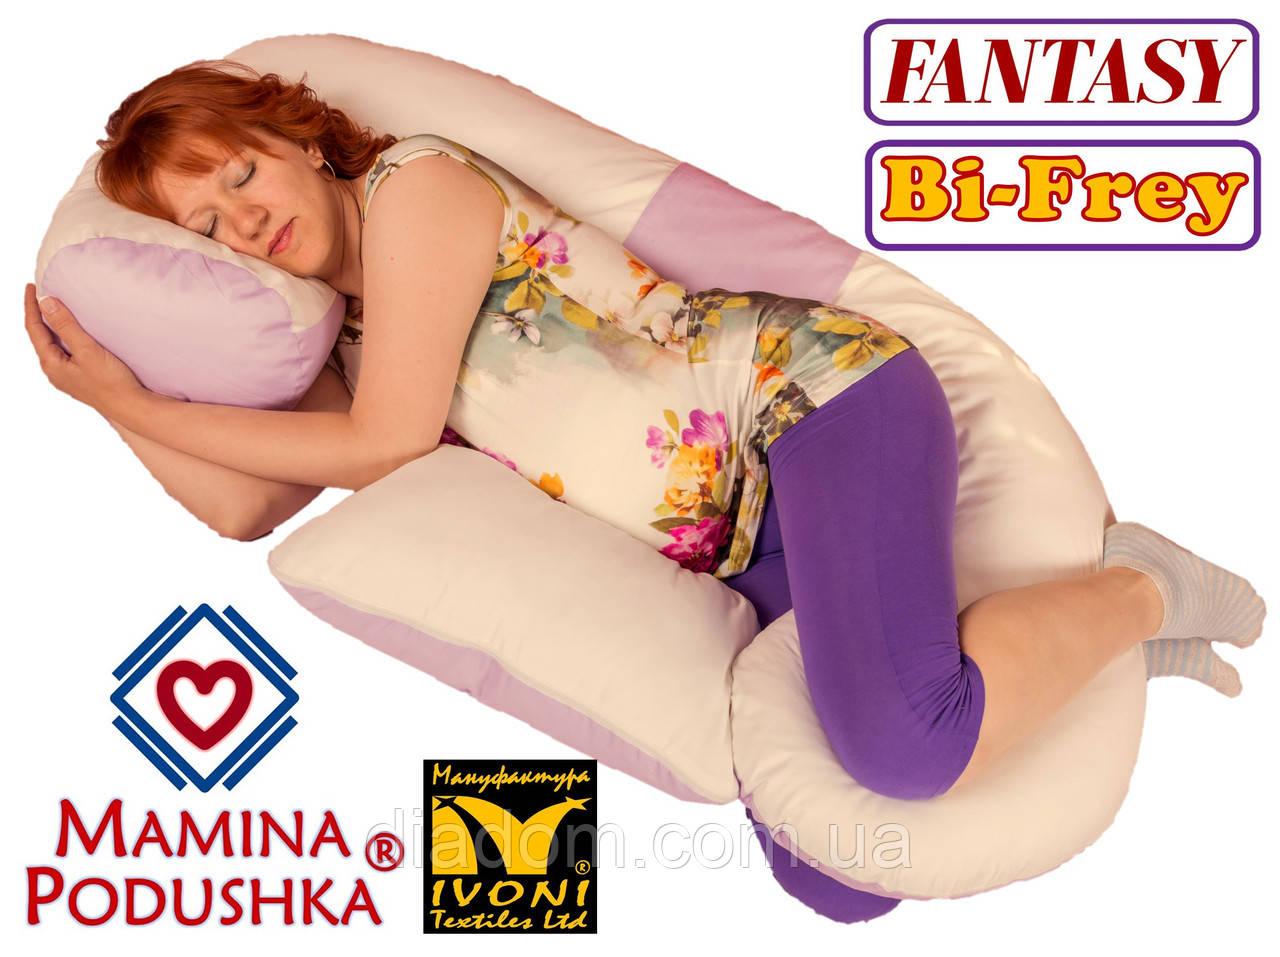 ... Подушка для беременных Fantasy Bi-Frey, Наволочка (на выбор) входит в  комплект ... 1d3018f8101